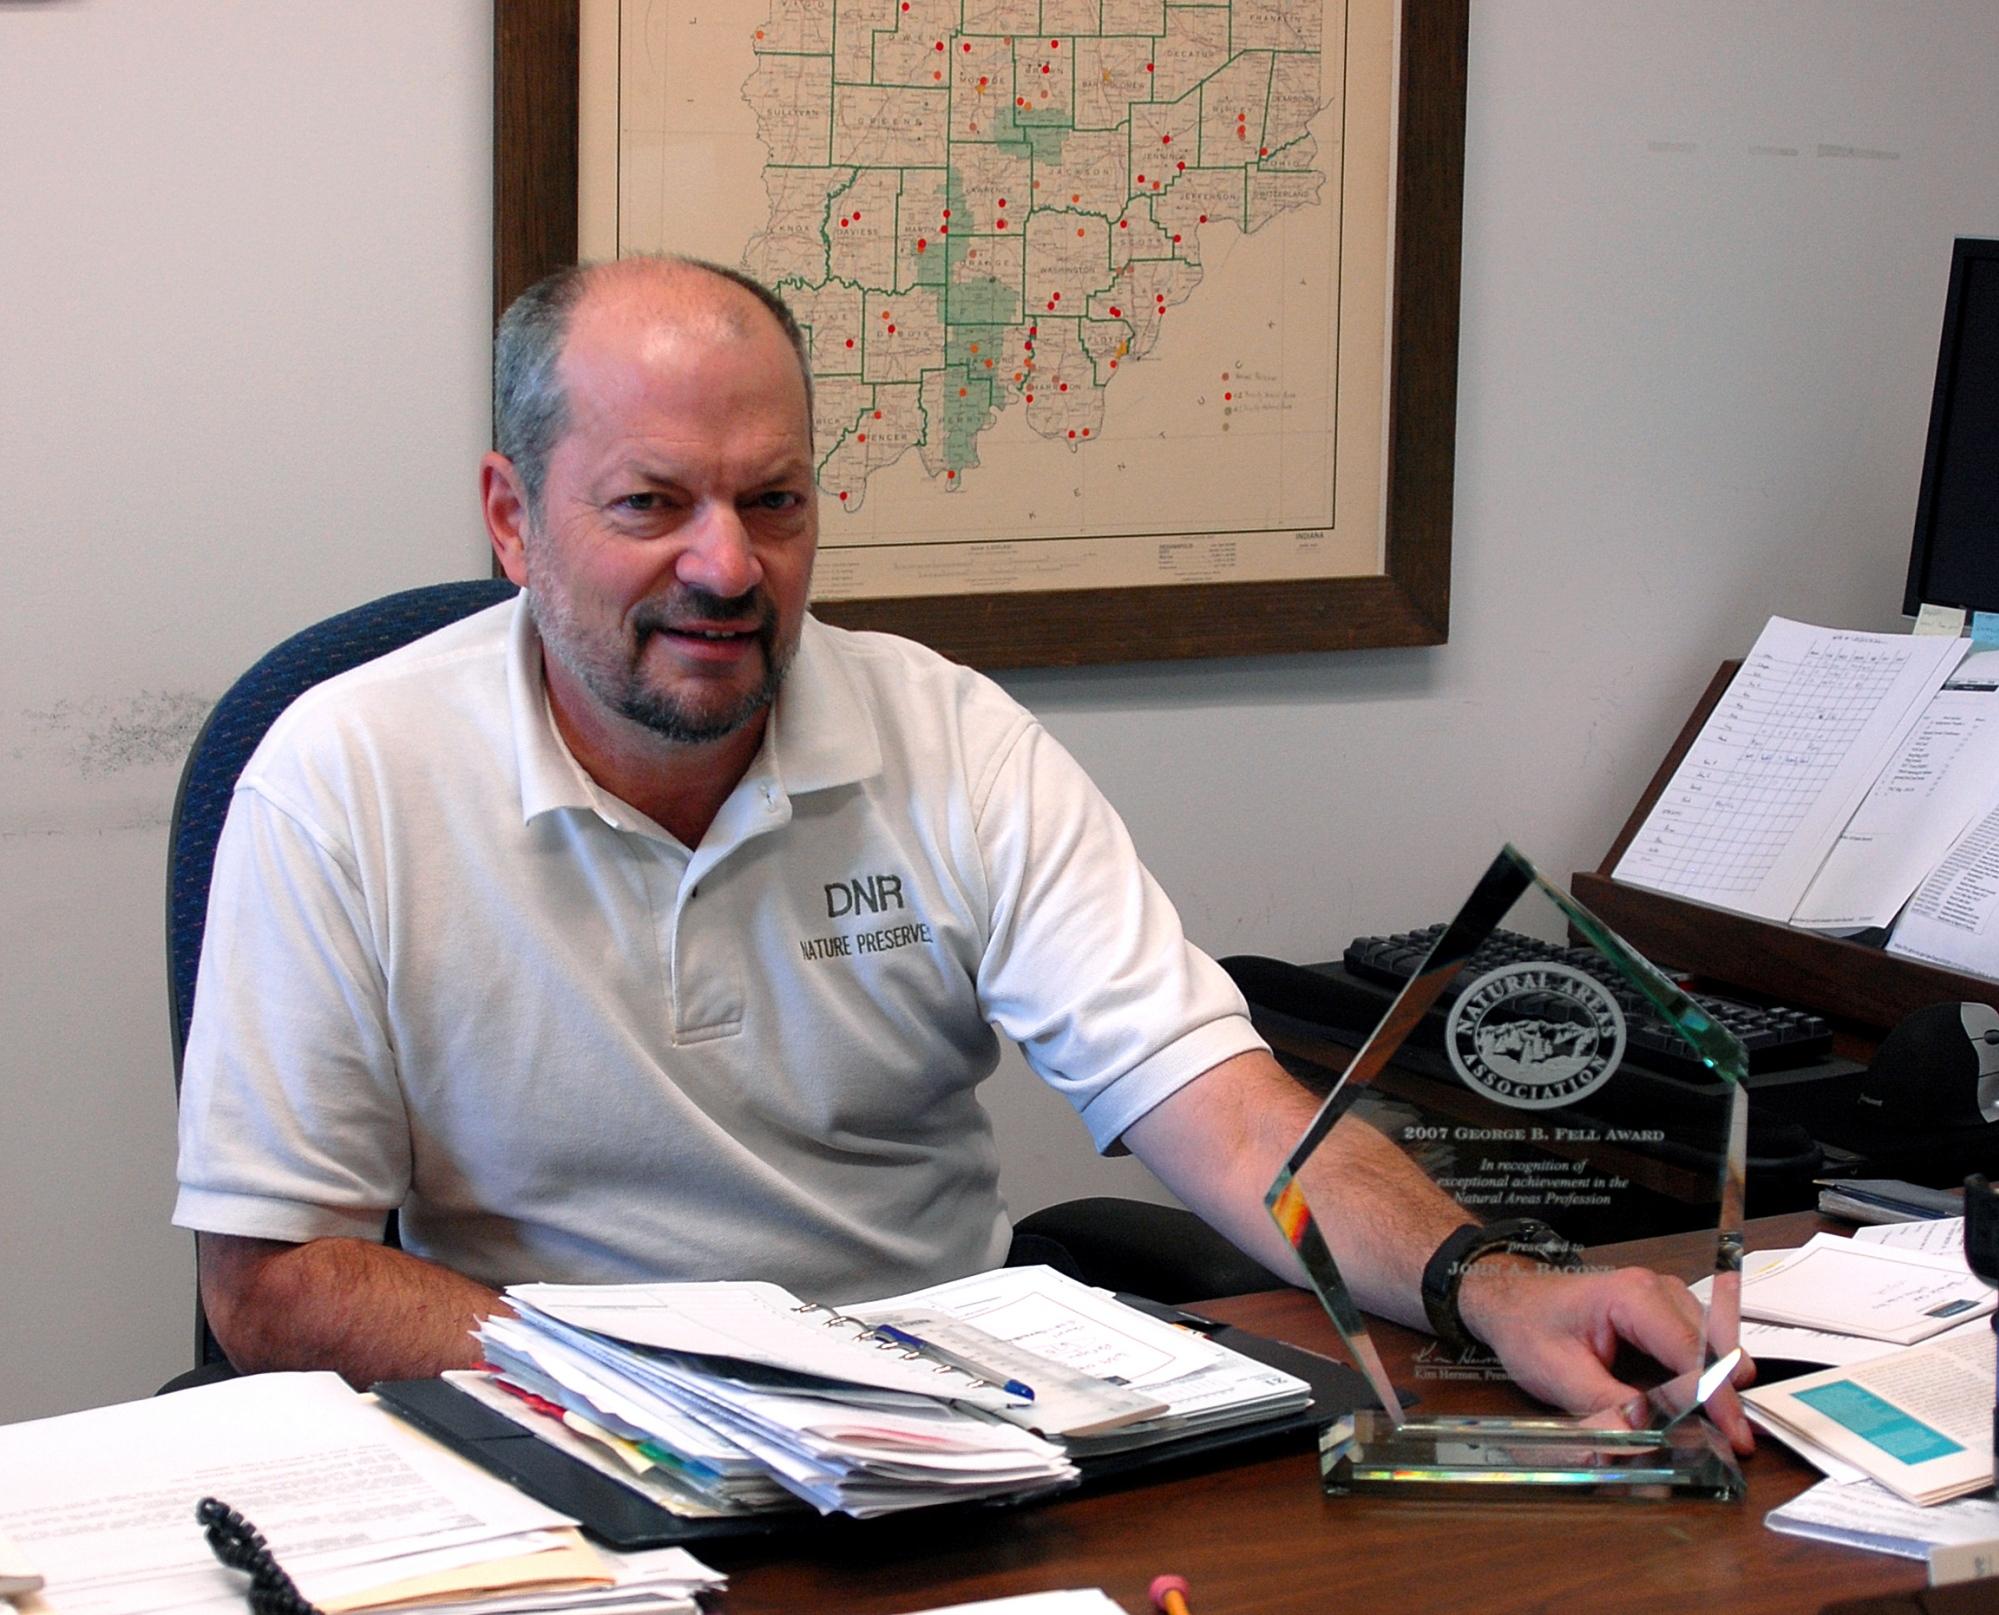 John Bacone in 2007, when he won NAA's George Fell award.